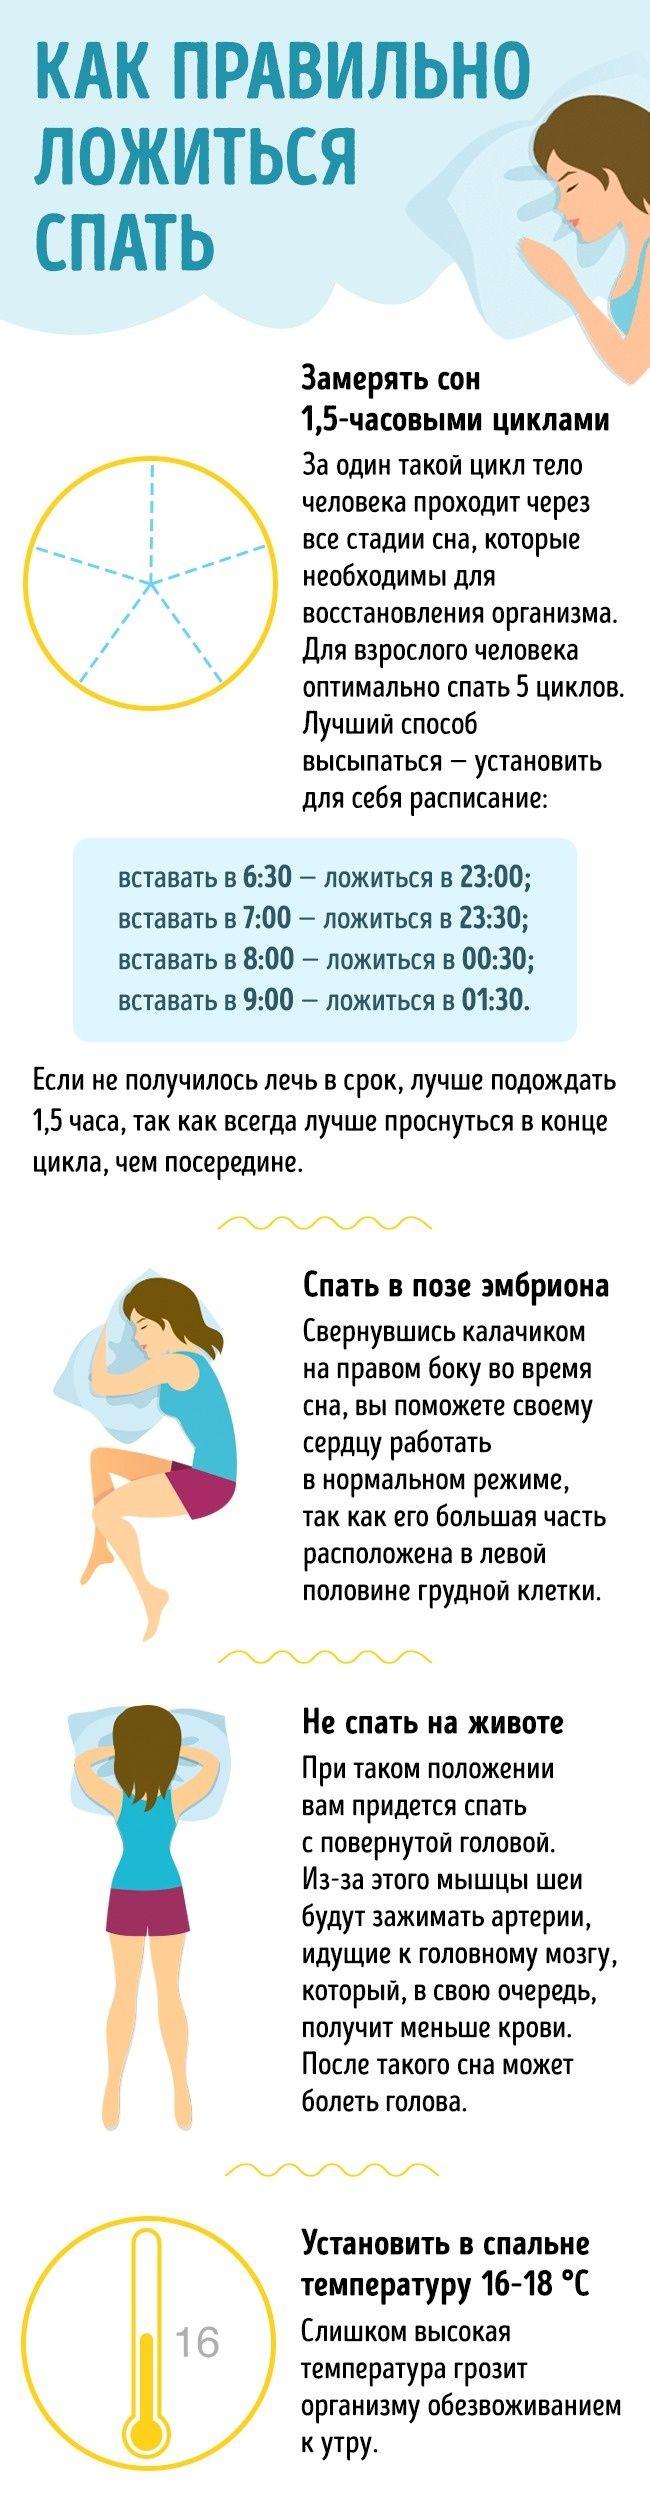 6 приемов для идеального сна, которыми пользуются мировые спортсмены